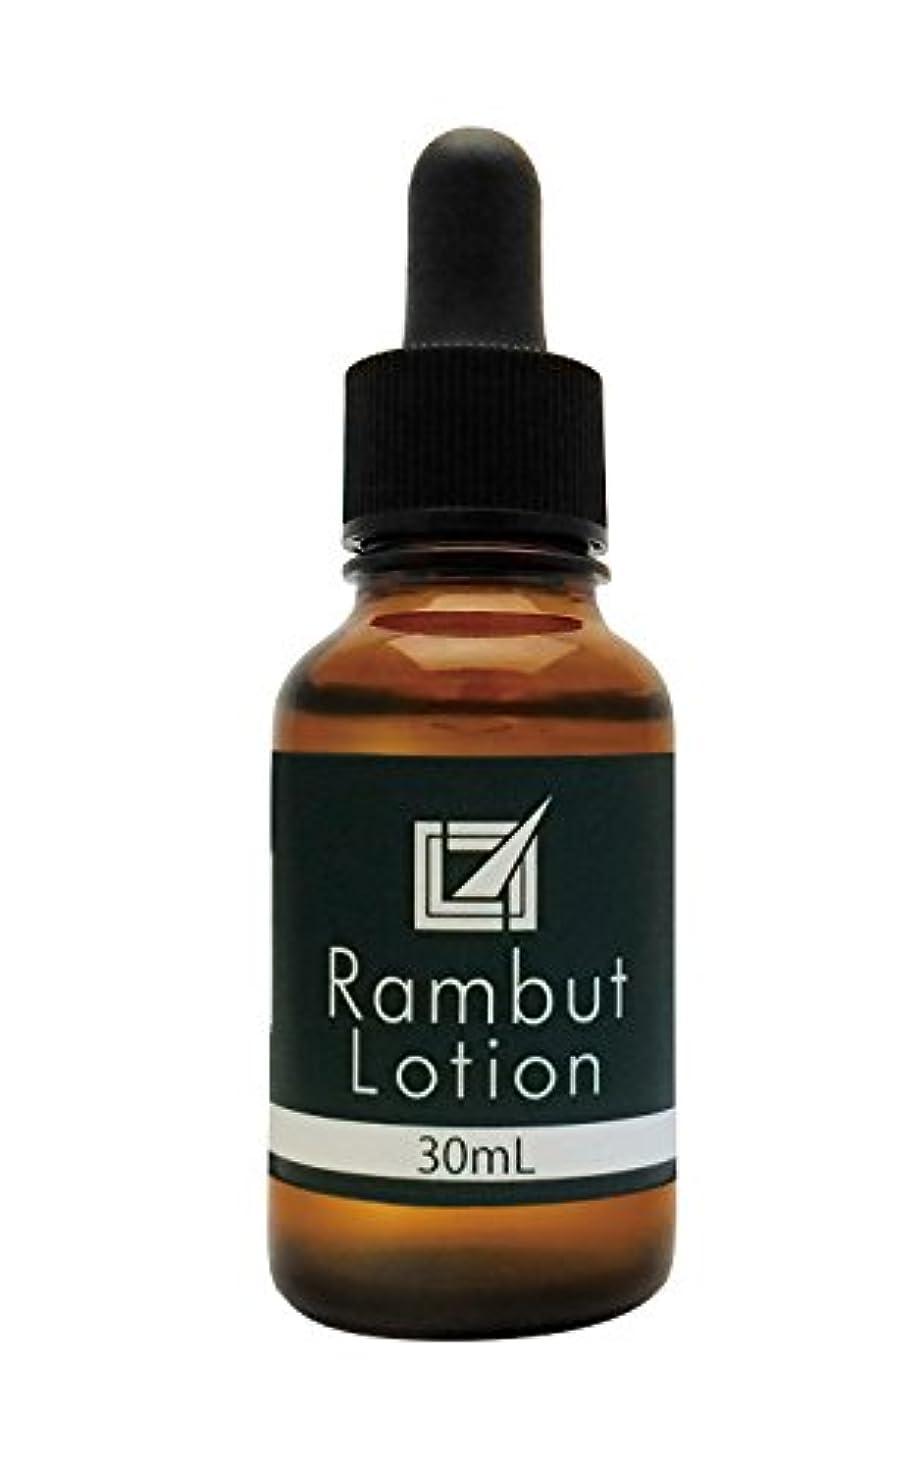 フレアペチュランス強盗ヒト幹細胞培養液エキス配合Rambut Lotion(ランブットローション)30ml (1個)